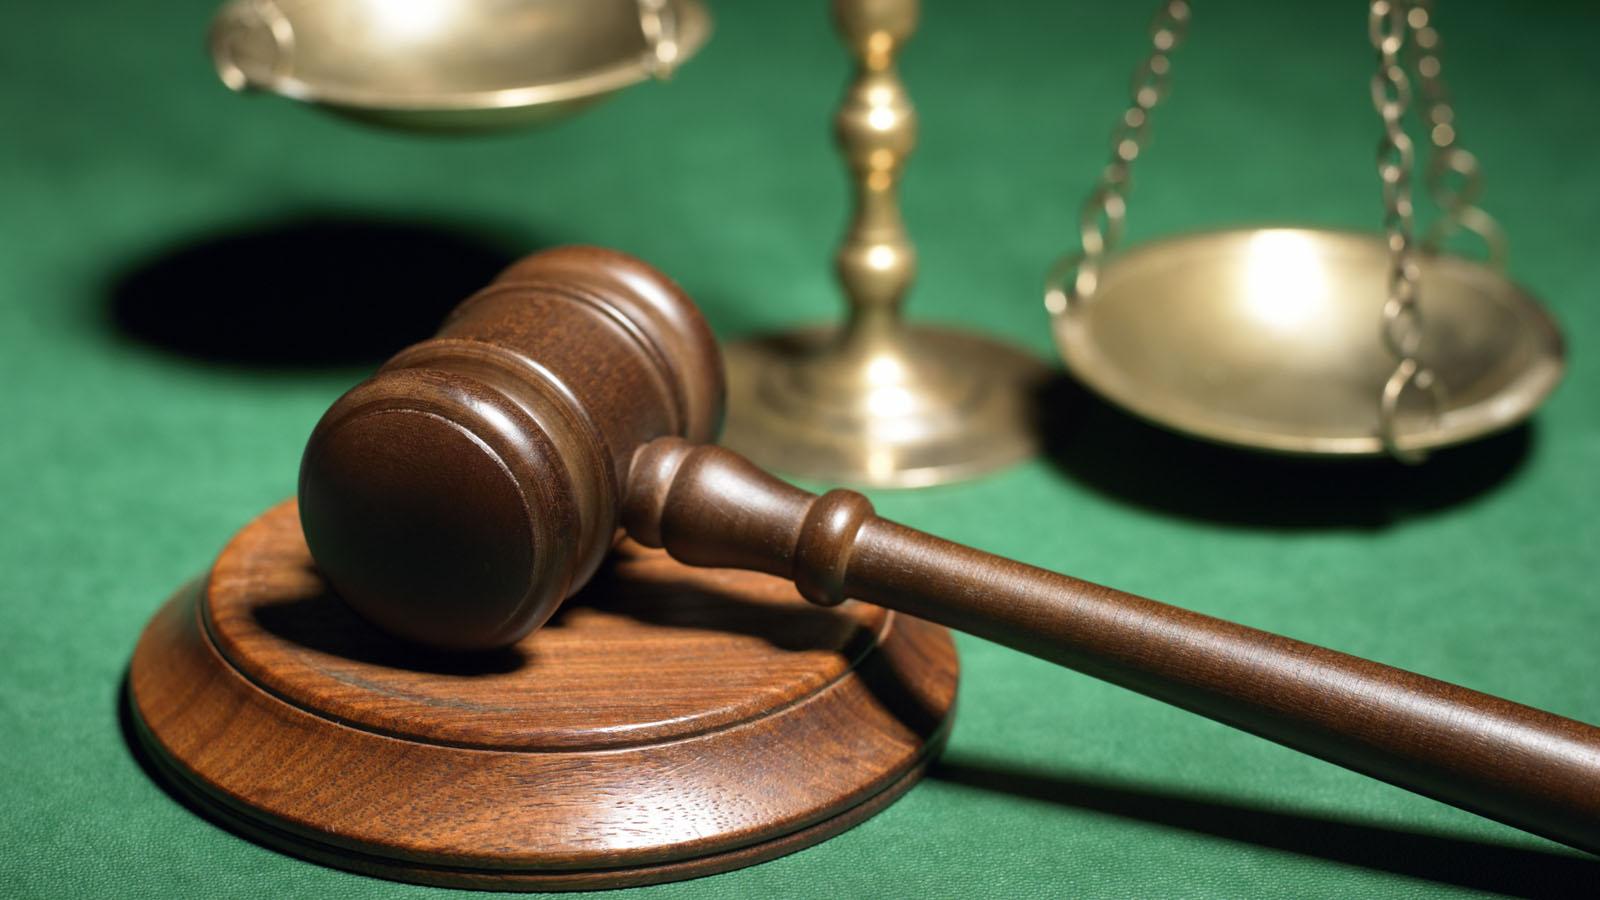 Сотрудница тольяттинского банка осуждена в Ульяновске за хищение 20 млн рублей